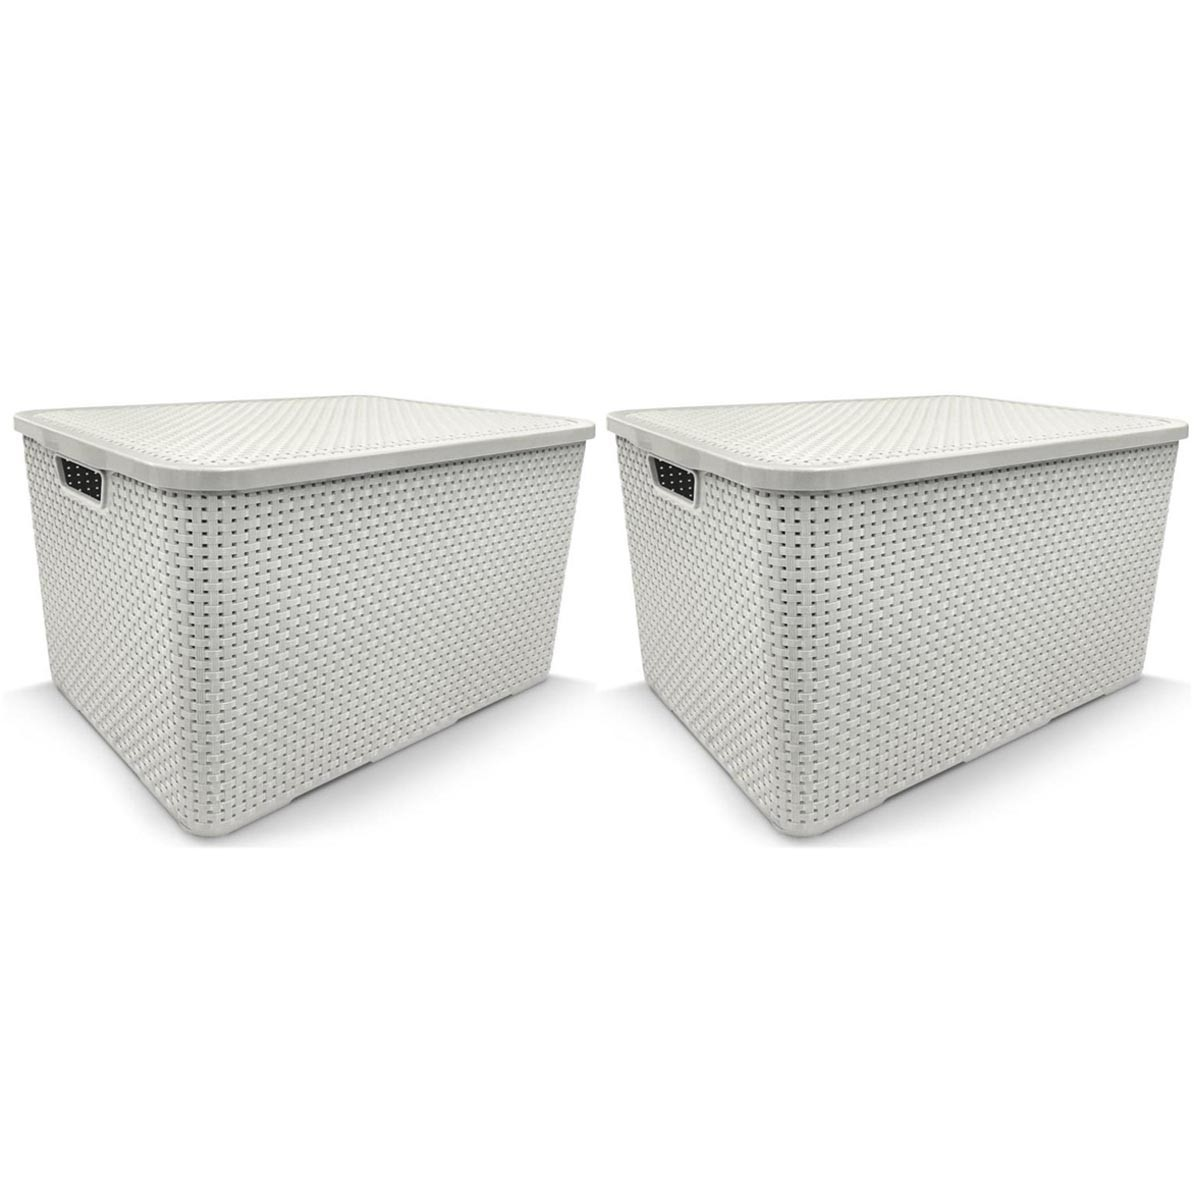 KIT 2 Caixa Organizadora Plástica Branca Cesto Rattan 15 Litros